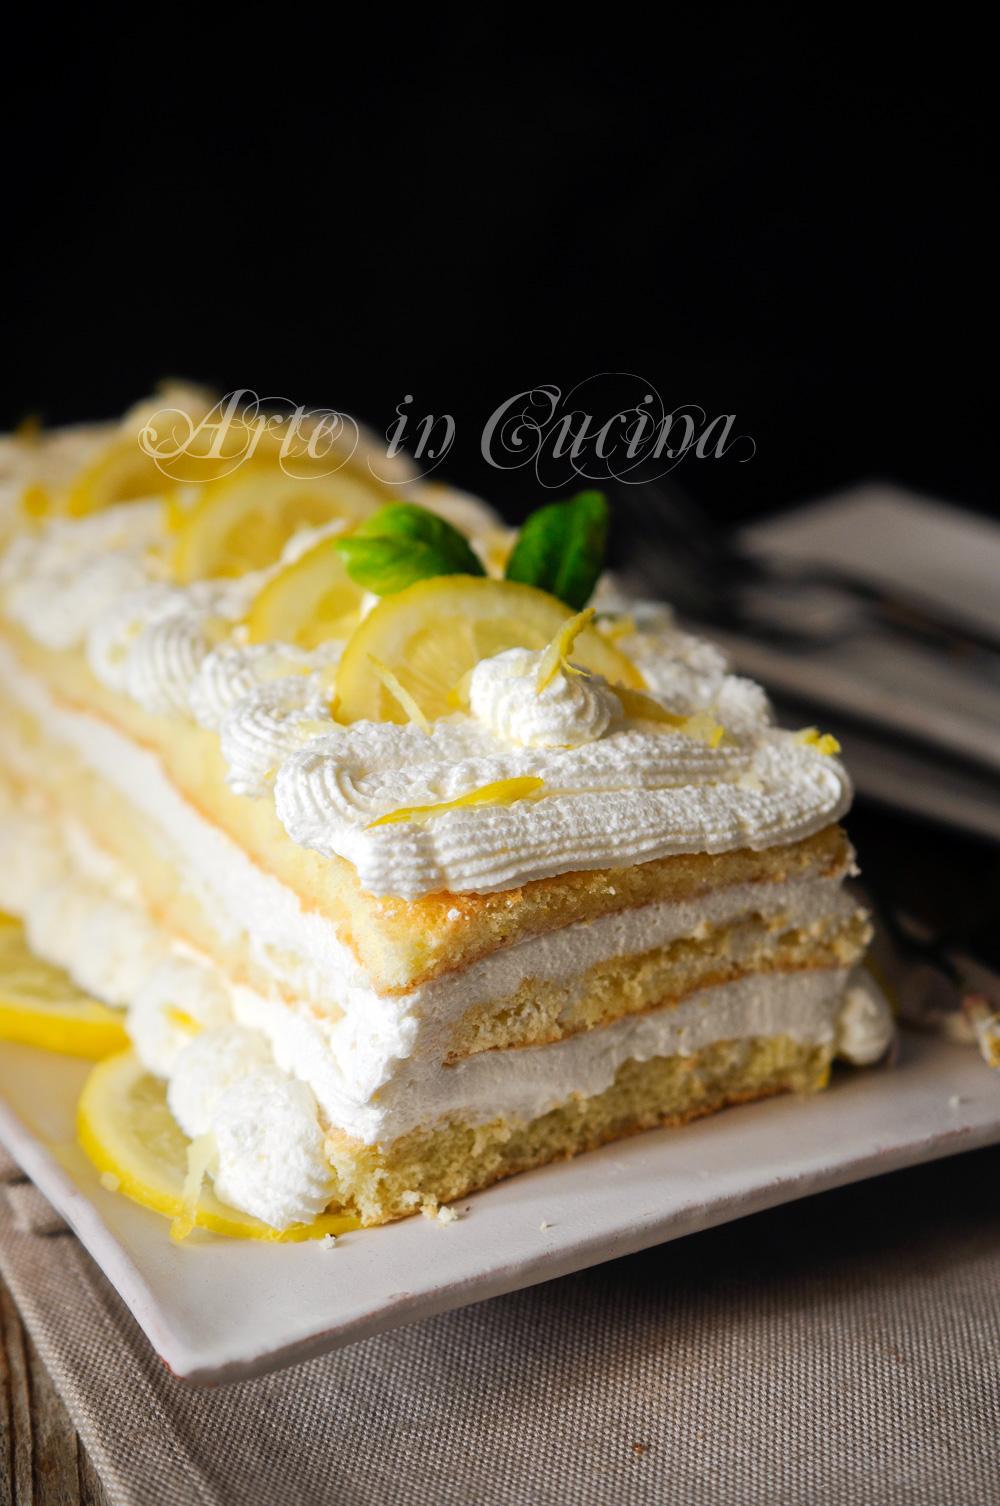 Mattonella semifreddo al limone dolce veloce vickyart arte in cucina